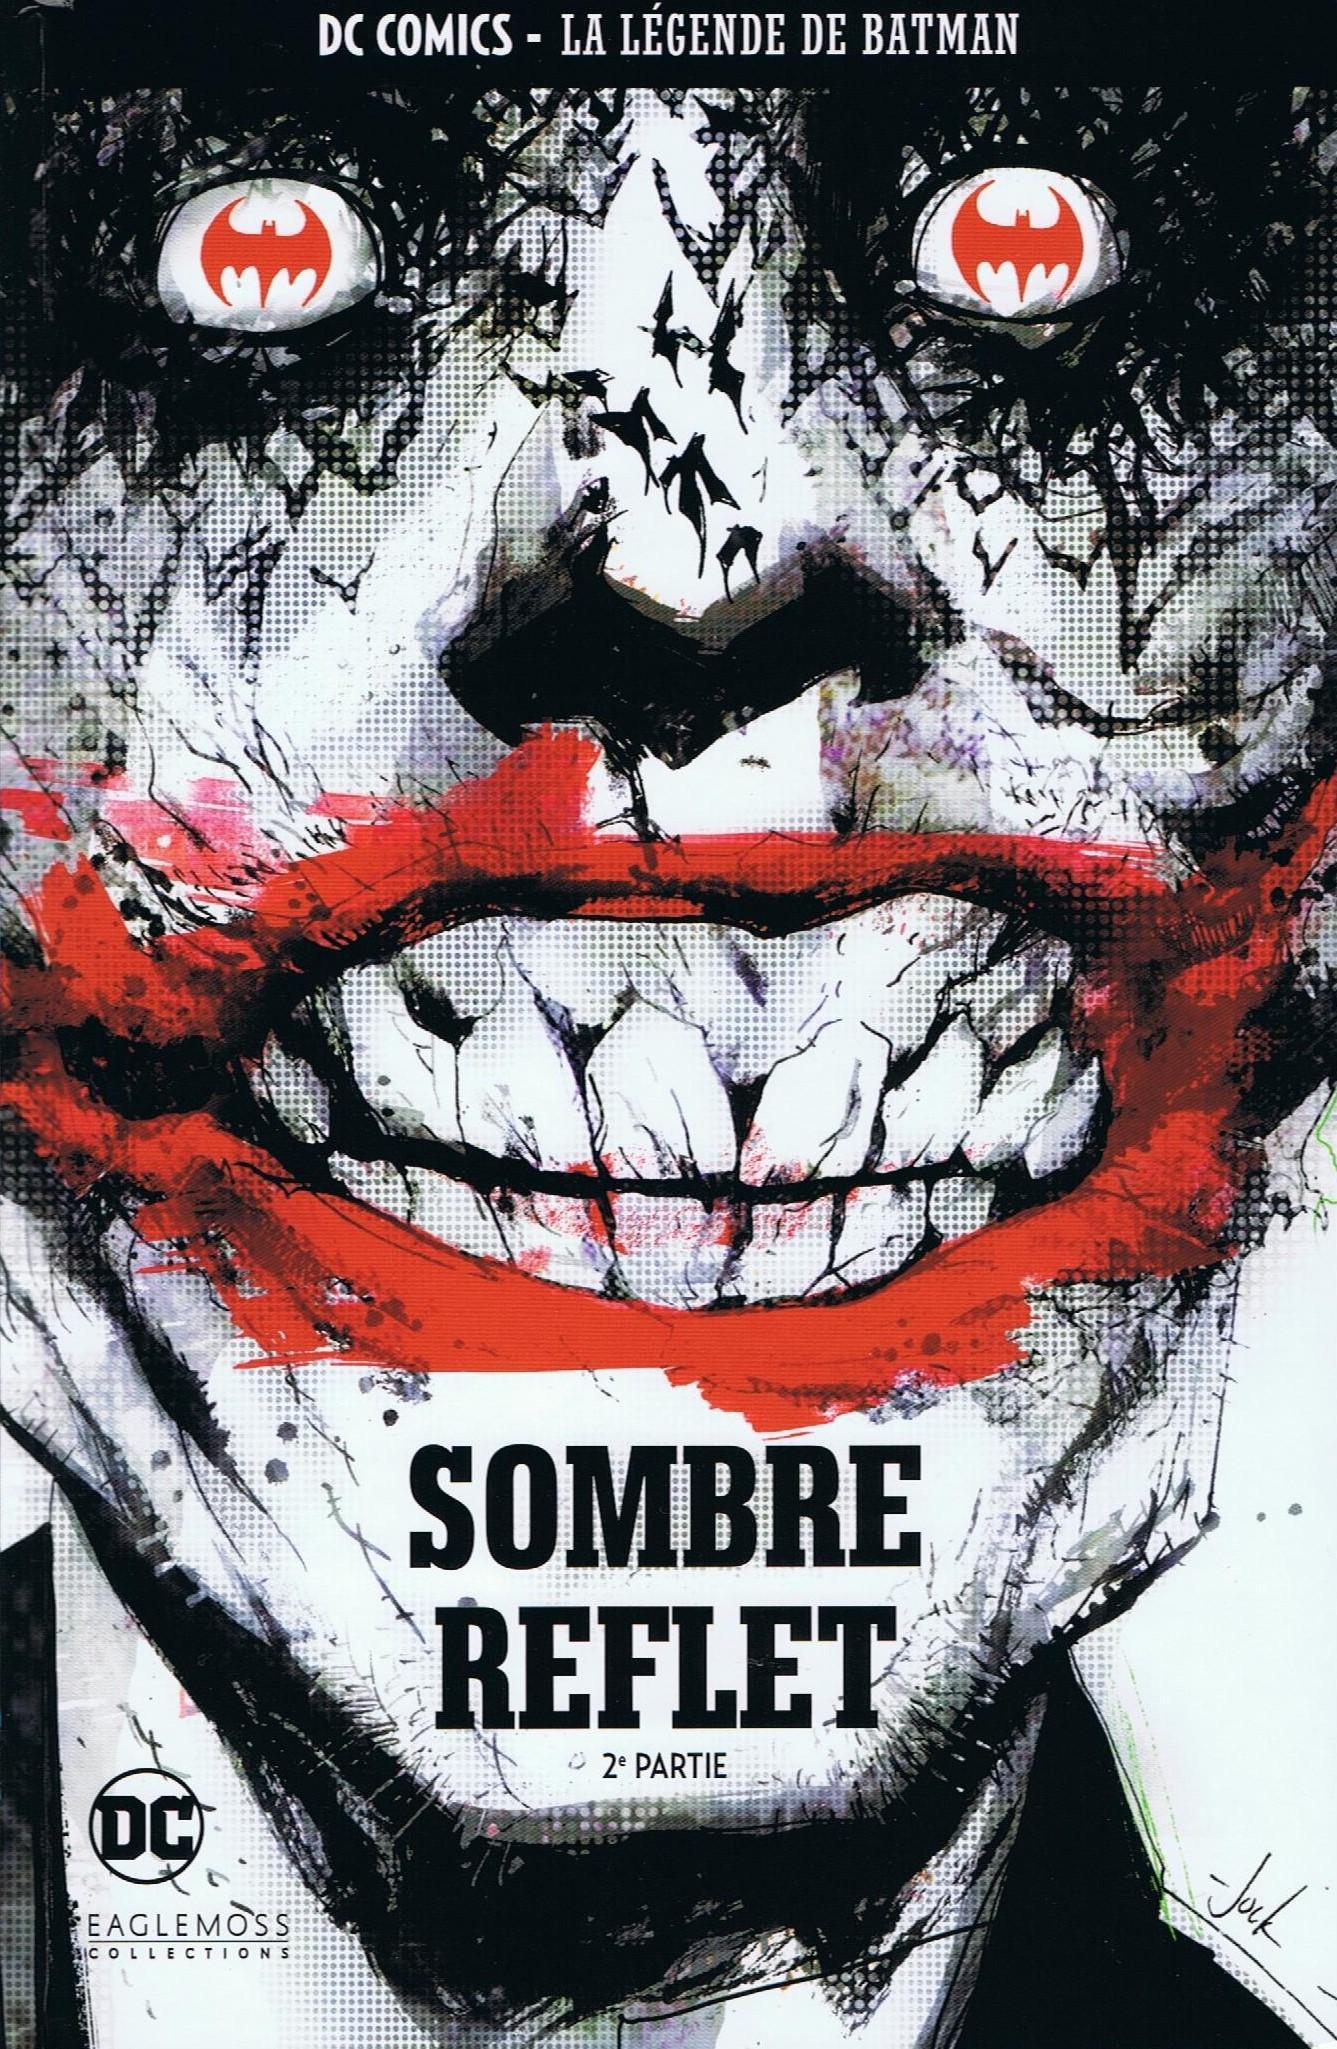 DC Comics - La Légende de Batman 36 - Sombre reflet - 2e partie